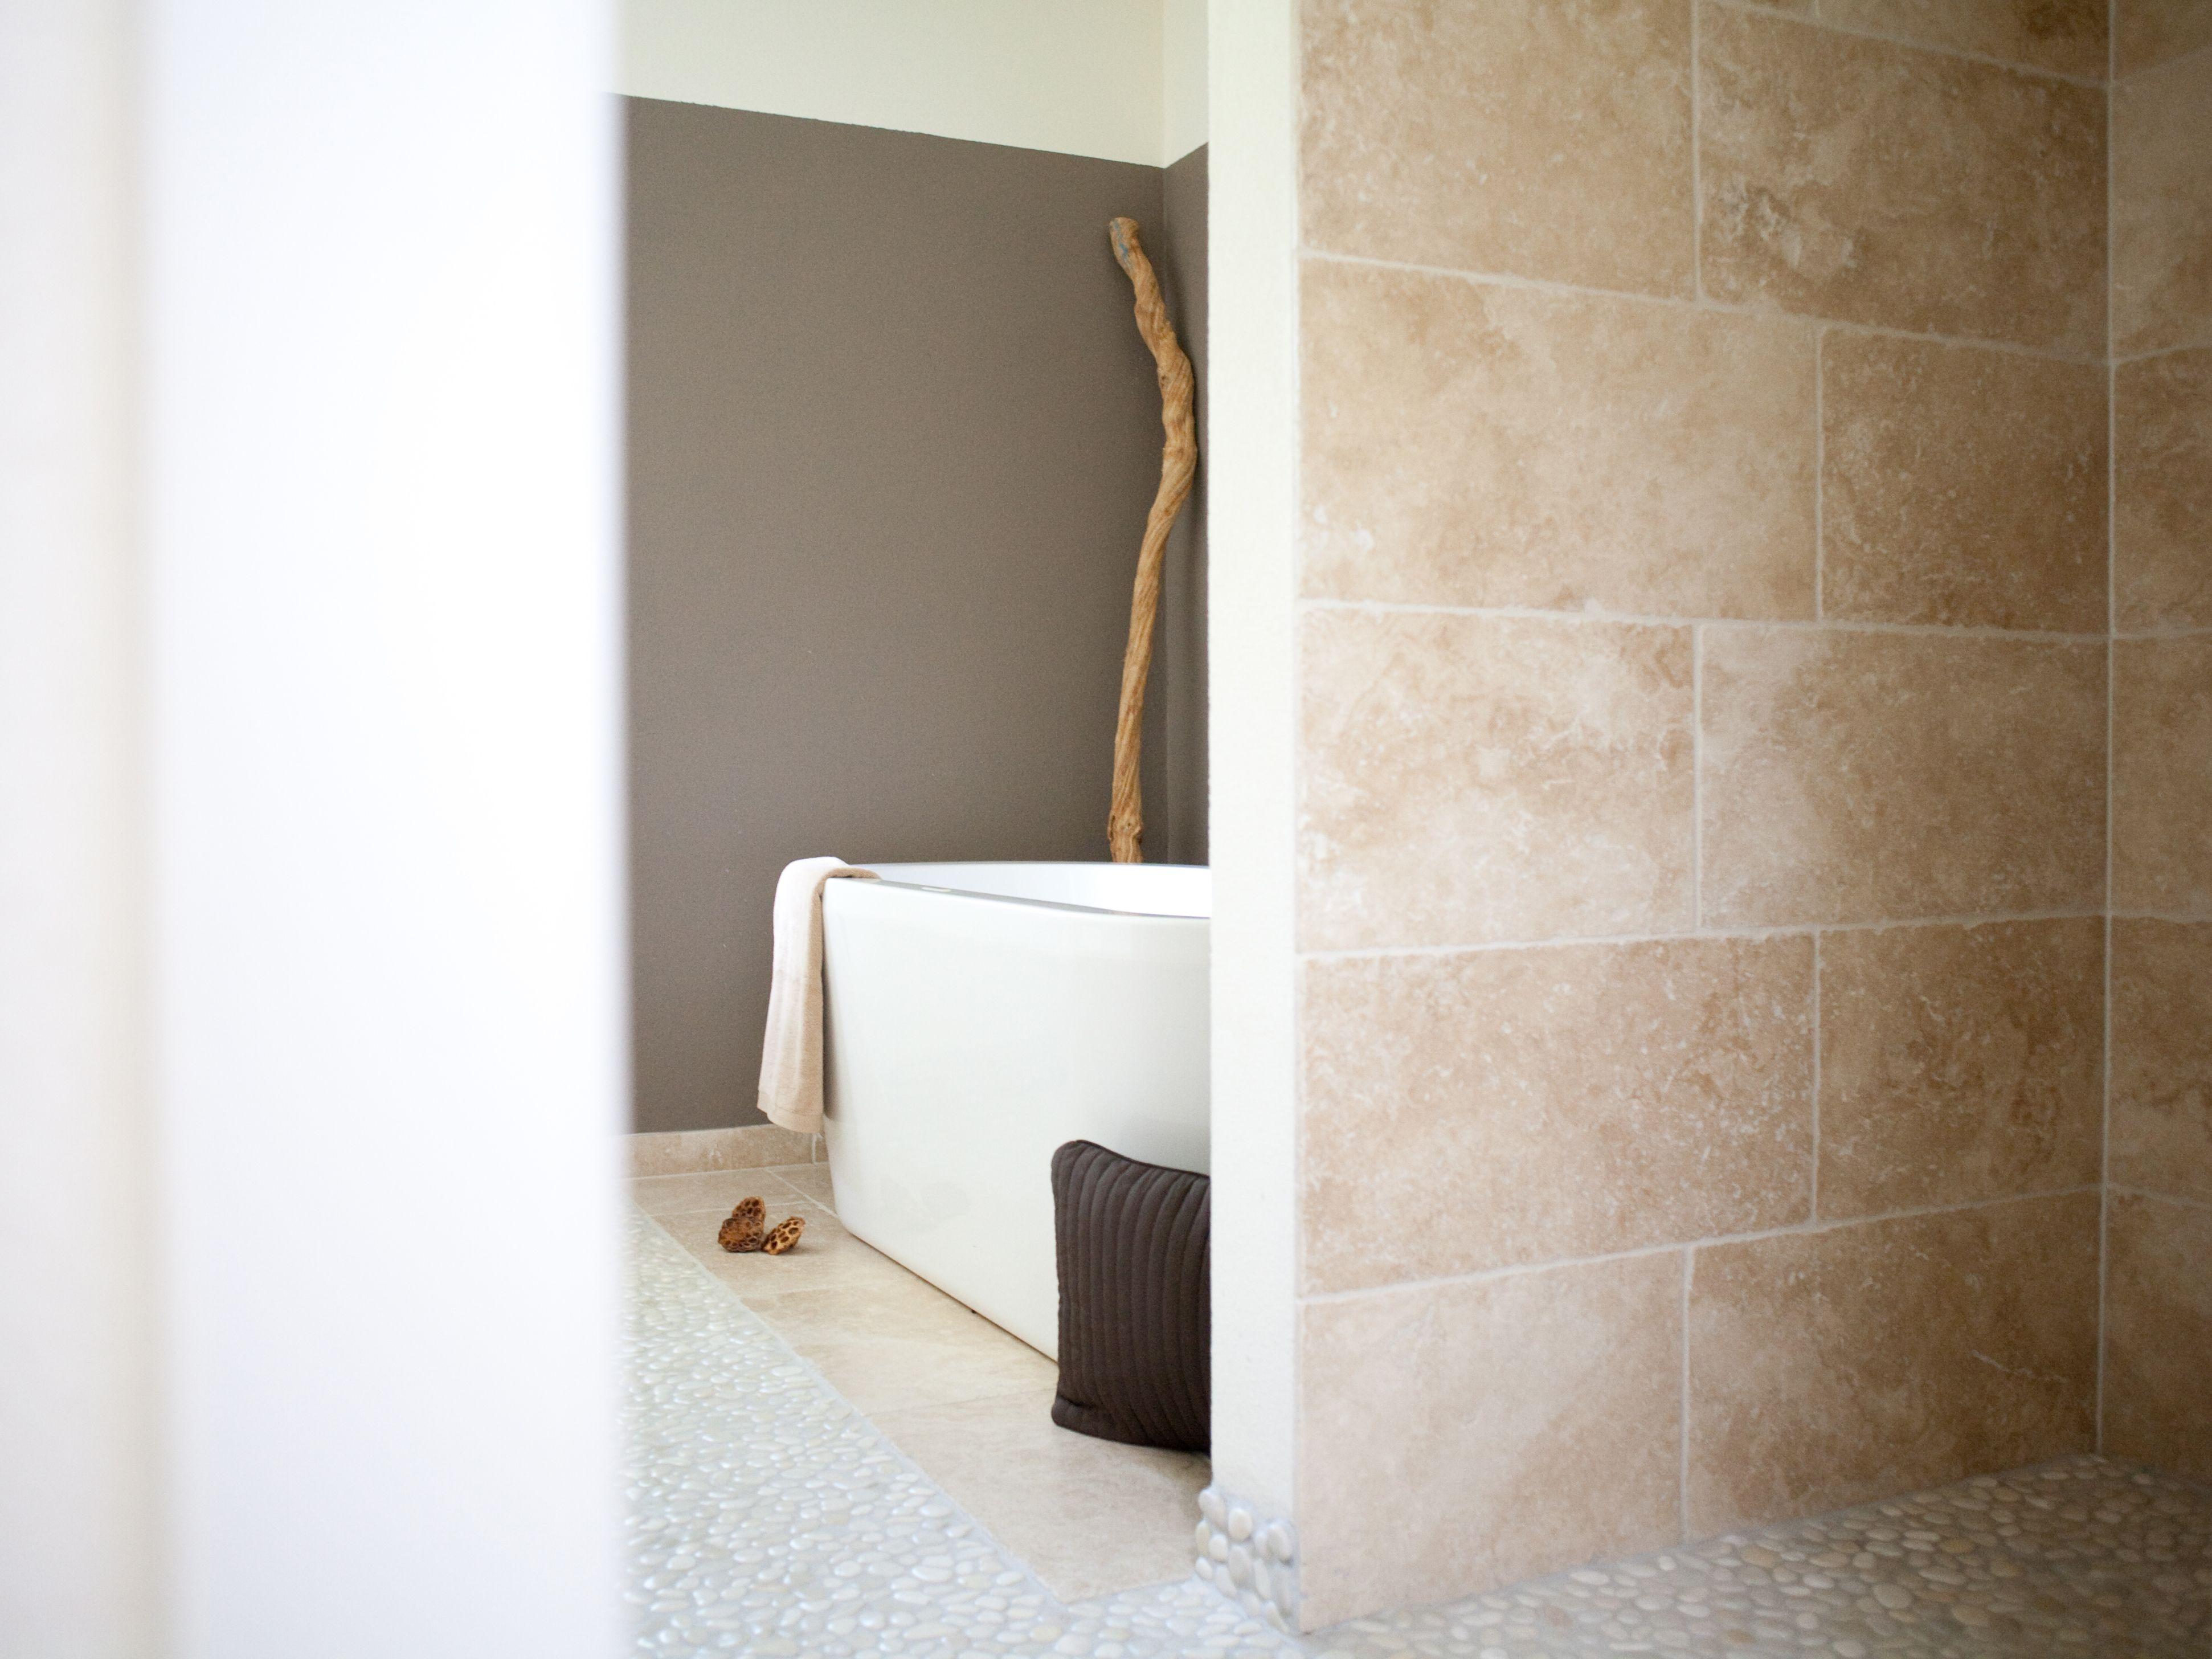 Travertin Fliesen im Badezimmer: Gestaltungsmöglichkeiten ...